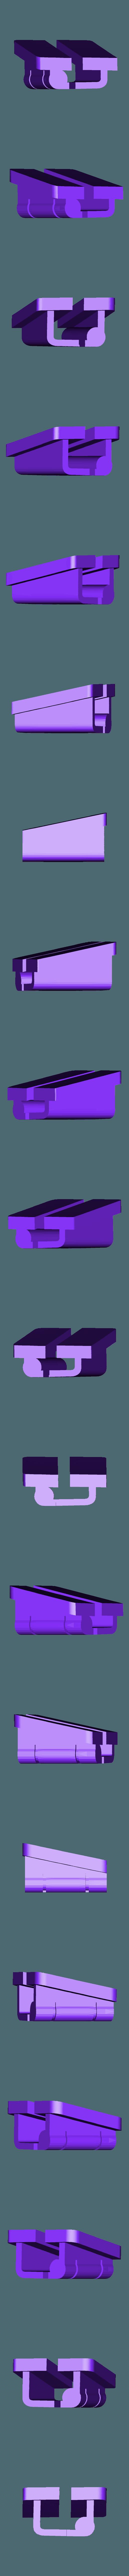 Hinge_BackTopLeft.stl Descargar archivo STL CHEVY VAN G20 RC BODY SCALER AXIAL MST TRX4 RC4WD • Modelo para imprimir en 3D, ilyakapitonov